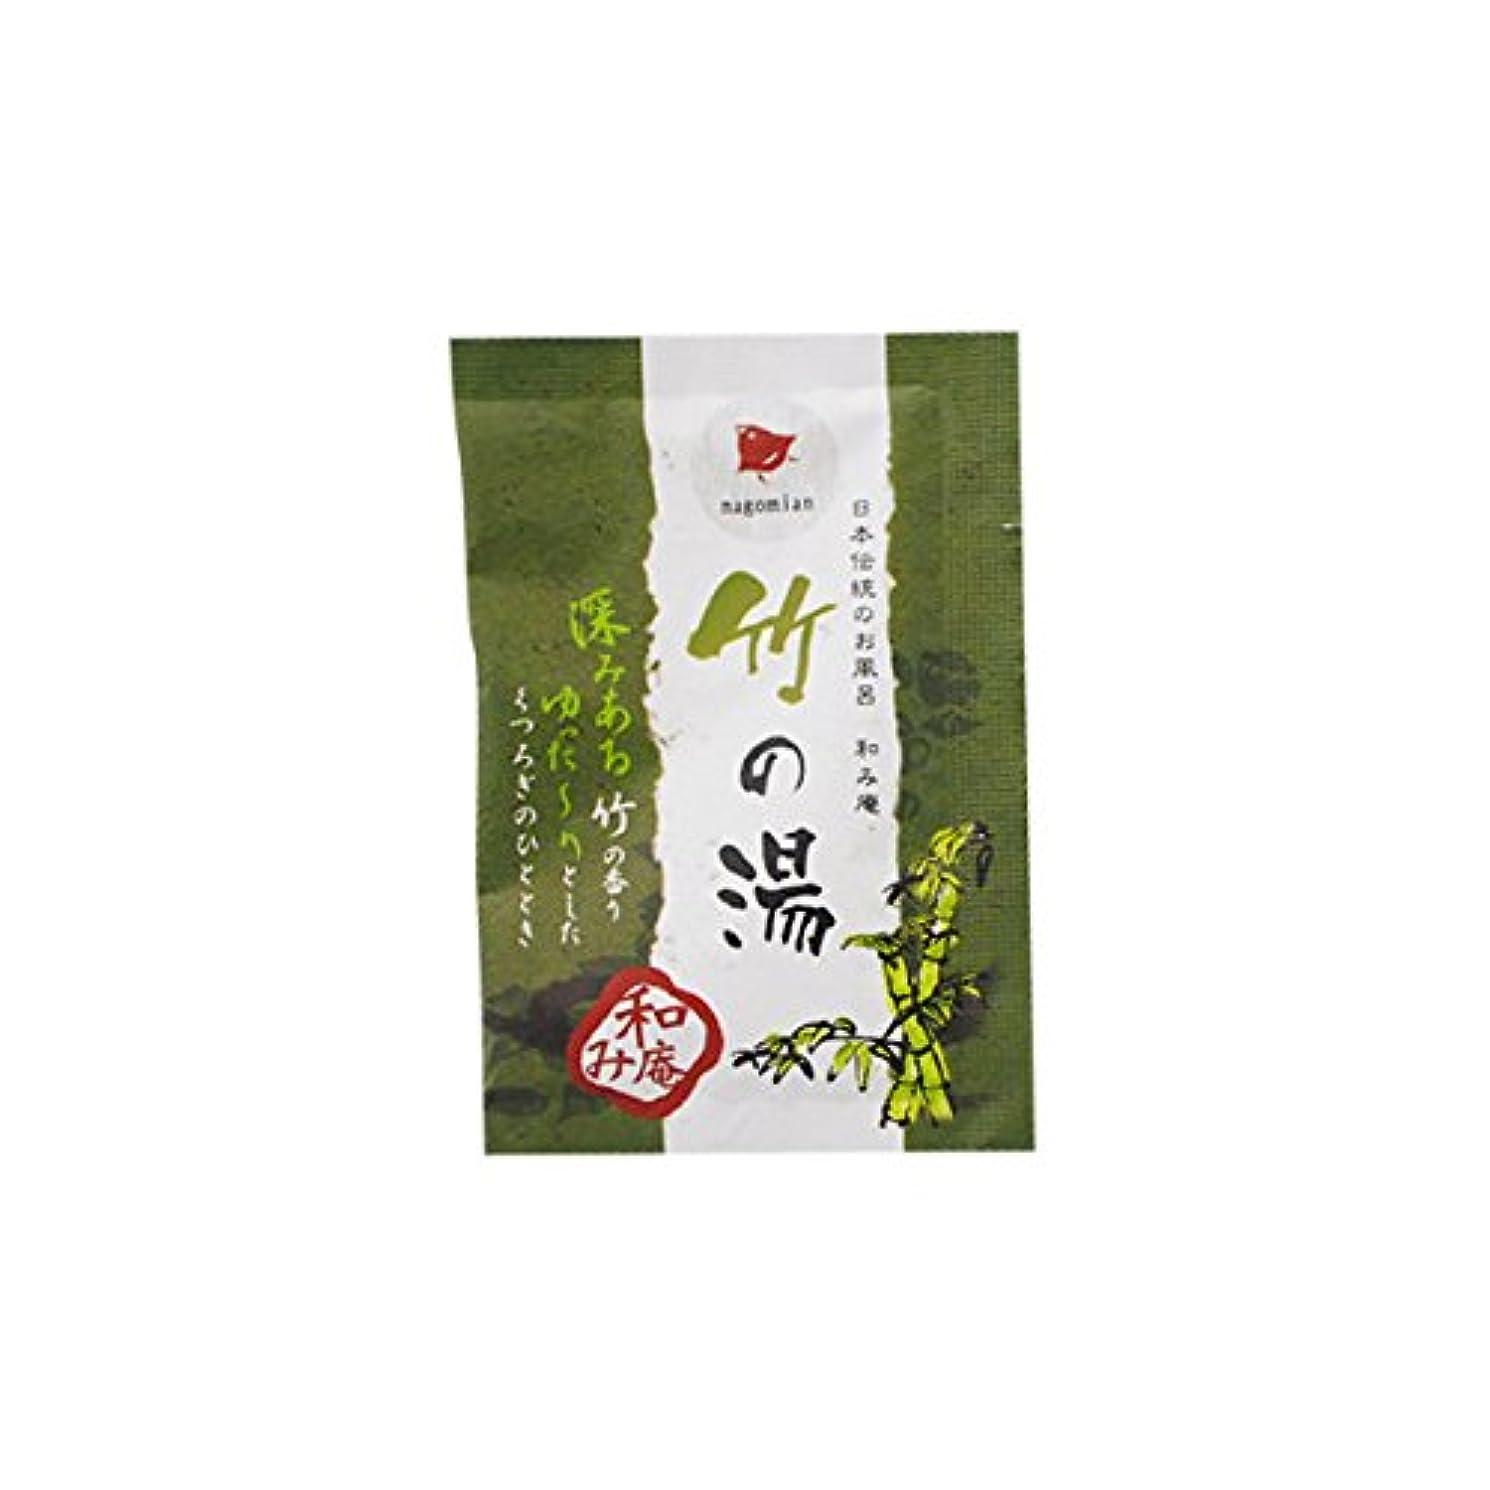 タイルテープトロリー和み庵 入浴剤 「竹の湯」30個